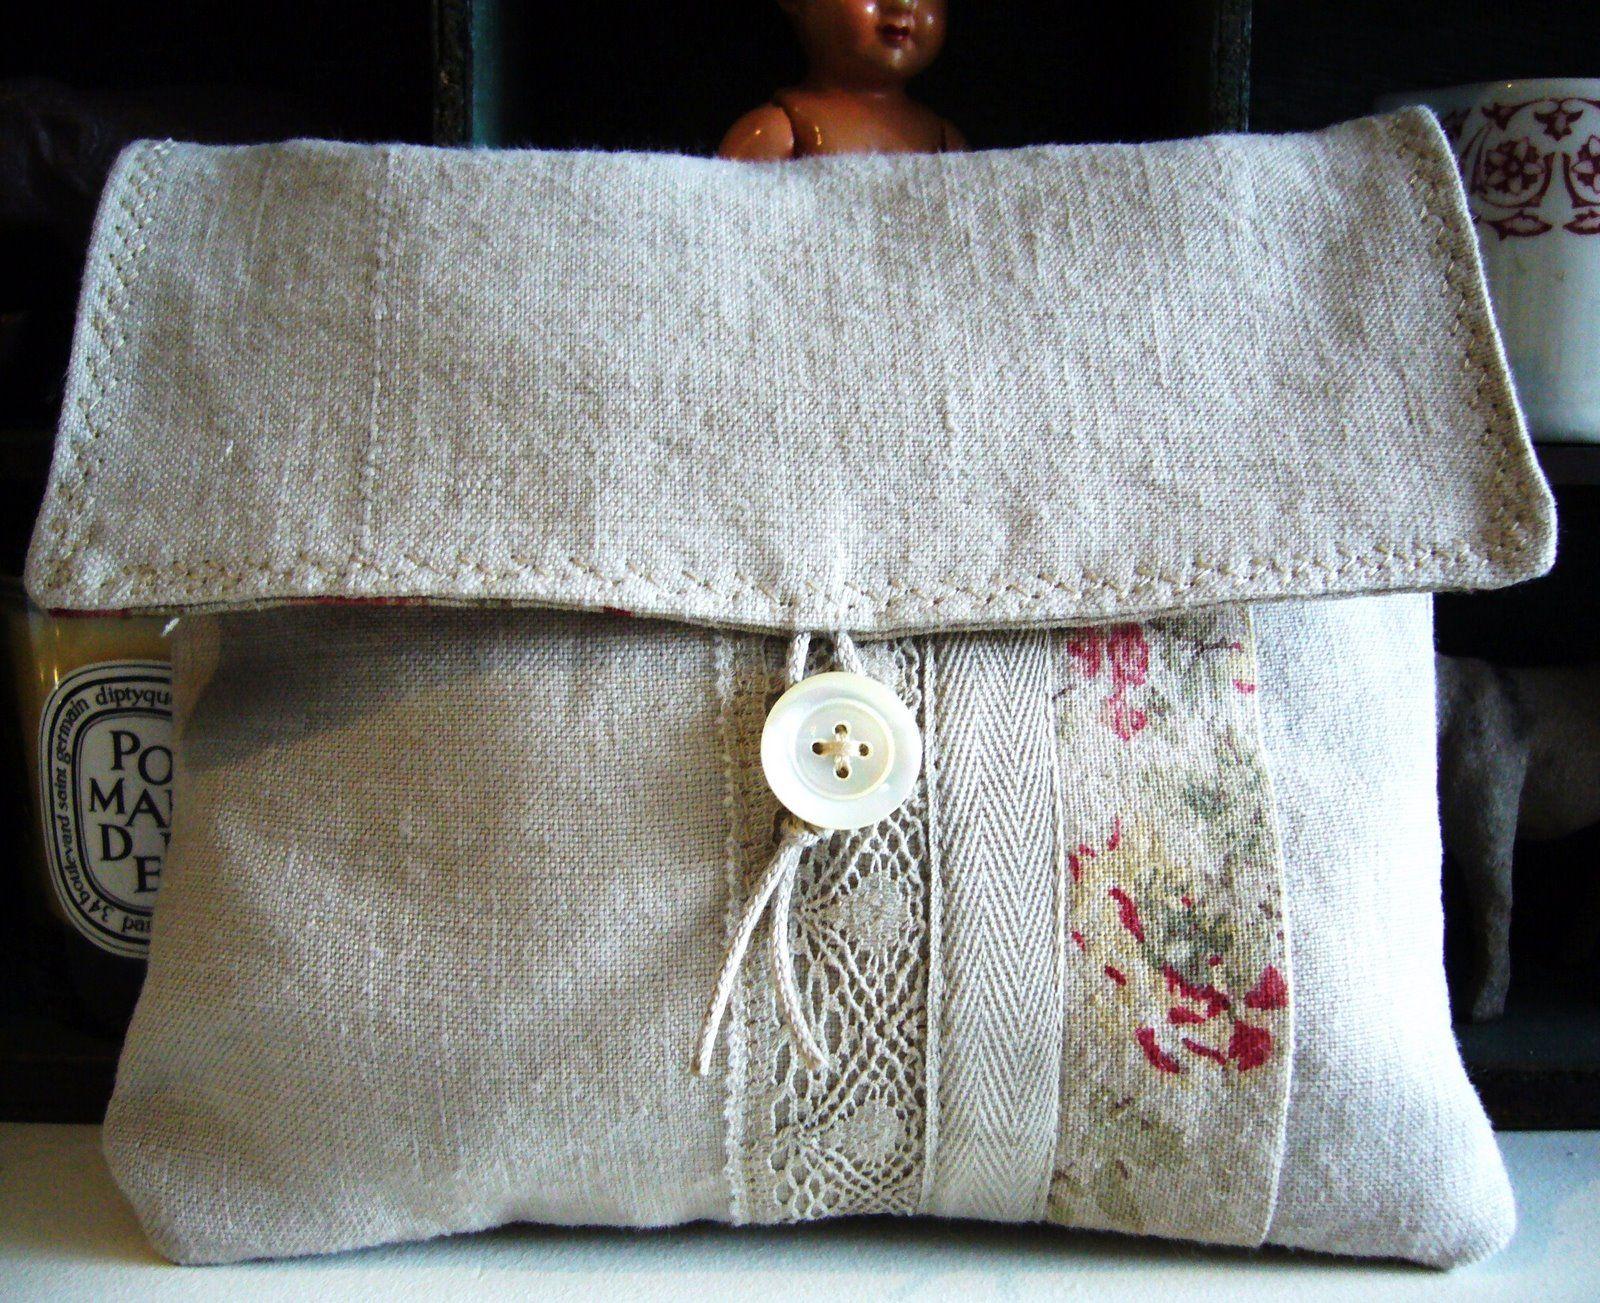 motiv e j 39 ai taill dans mes pi ces de tissu teintes pour fabriquer ce sac r versible et sa. Black Bedroom Furniture Sets. Home Design Ideas